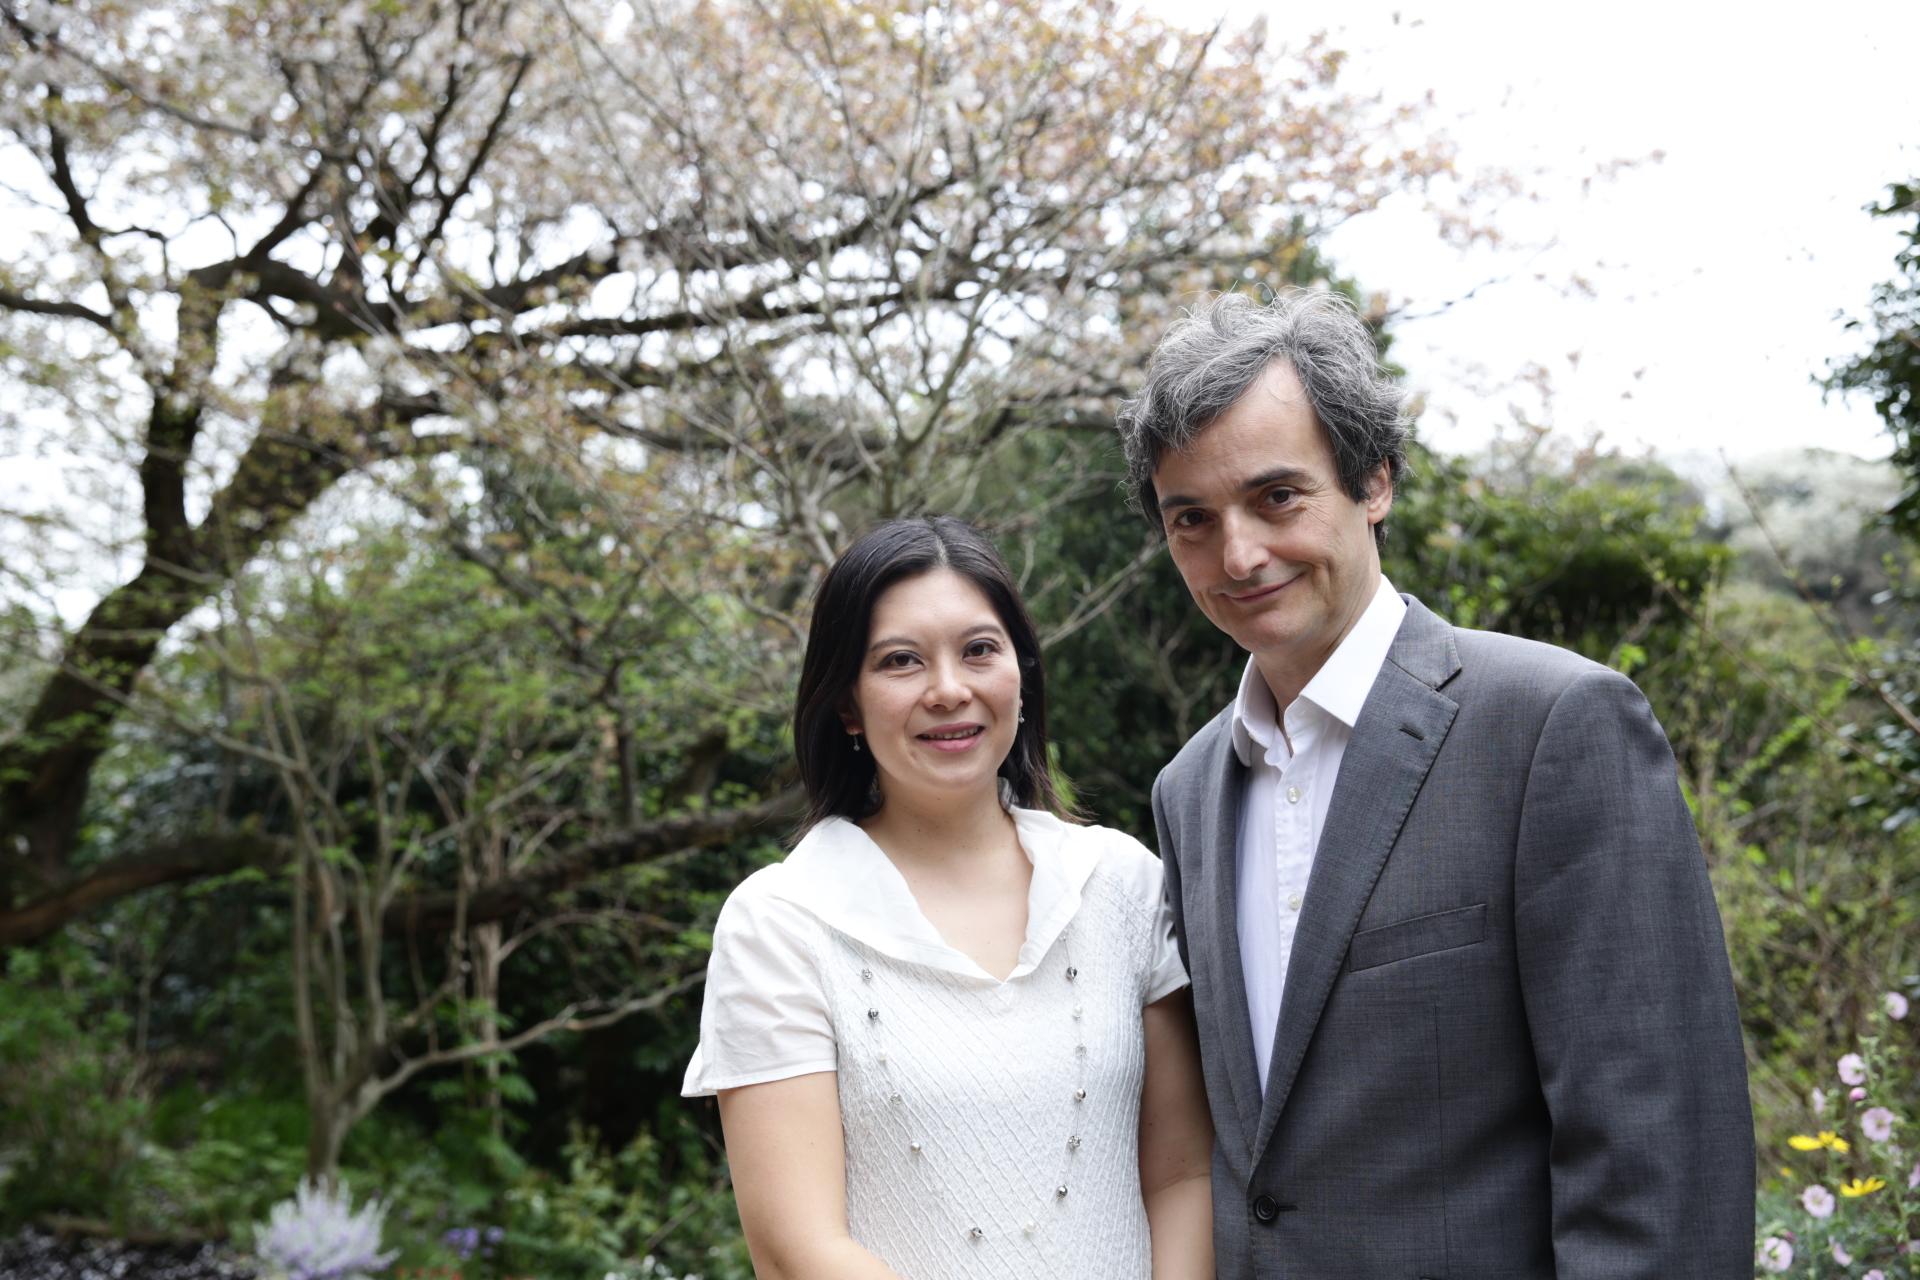 Mayumi Iida Stone and Colin Stone